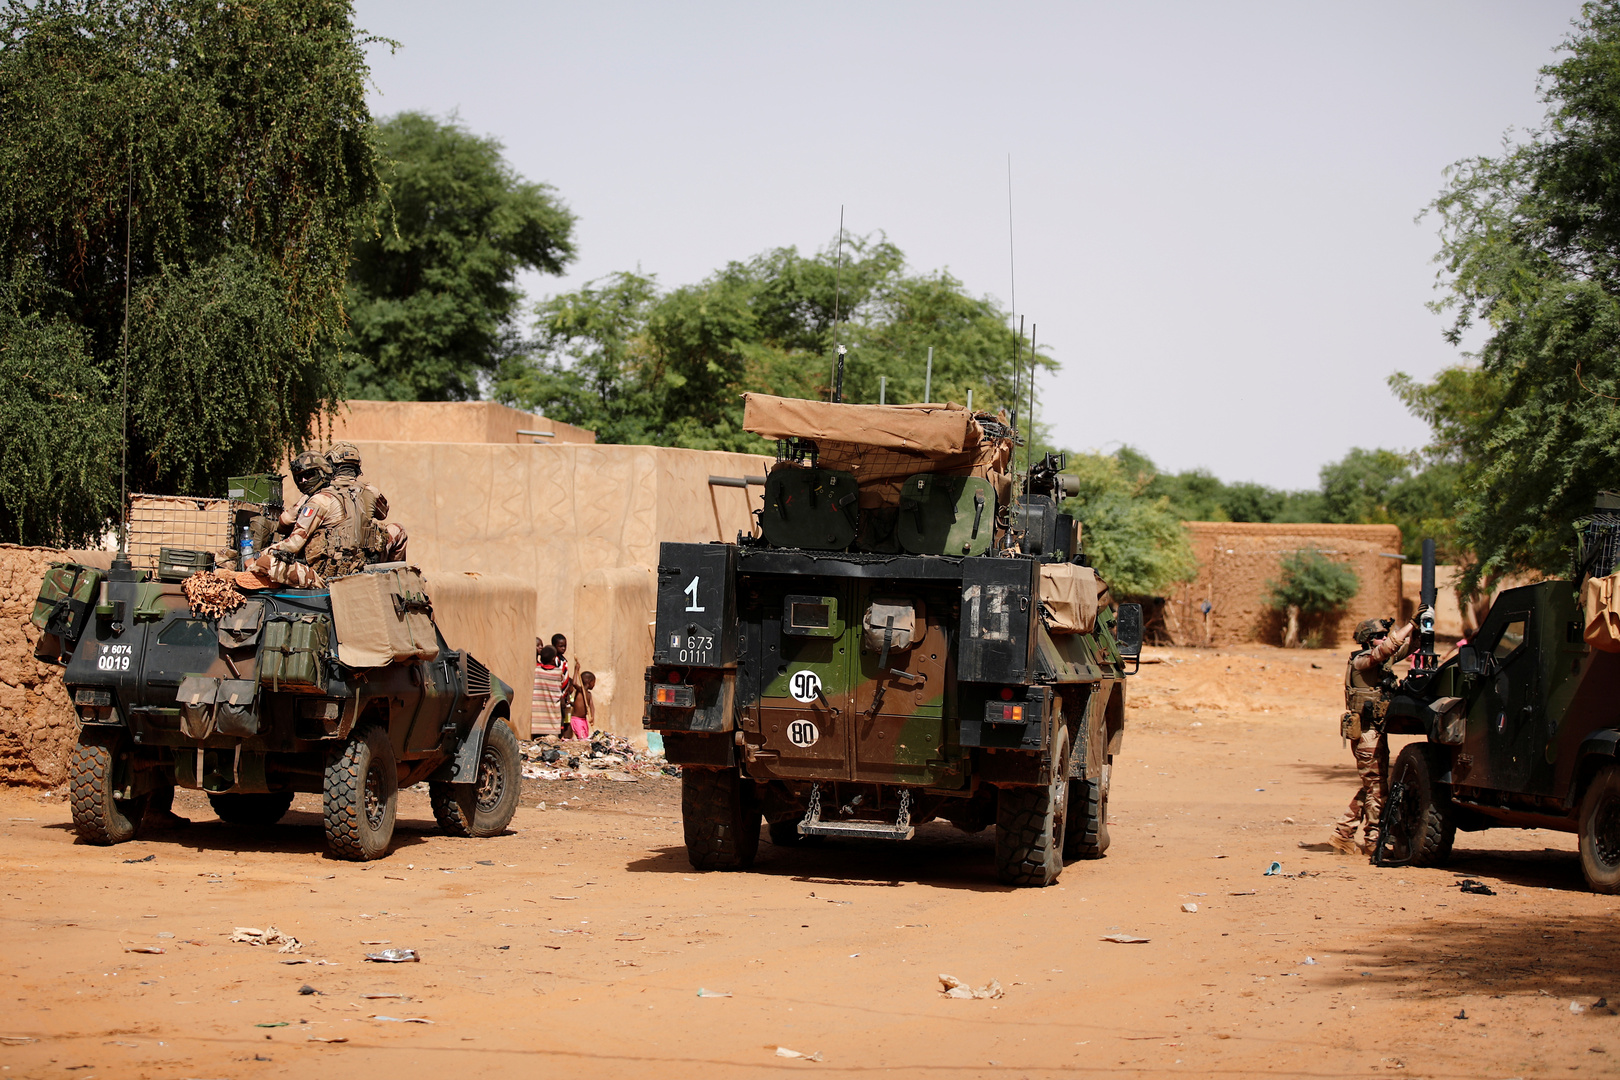 قصر الإليزيه: مقتل 3 جنود فرنسيين في مالي